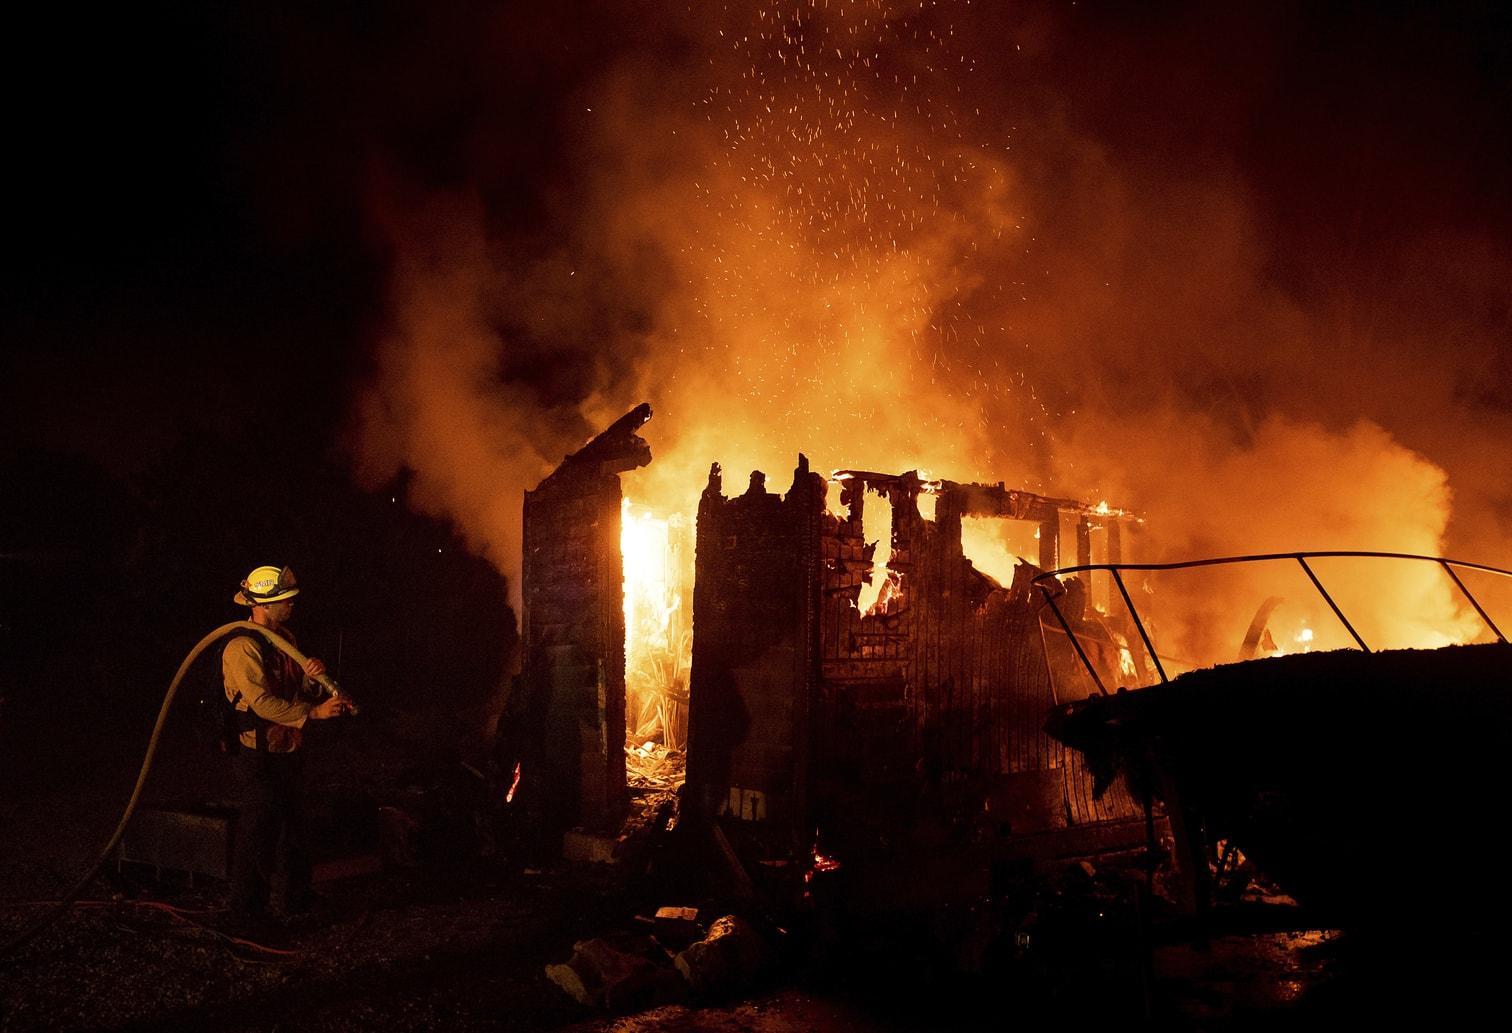 die zuvor einen Flächenbrand durch die Stadt Goleta getrieben hatten. Viele der 2500 Menschen